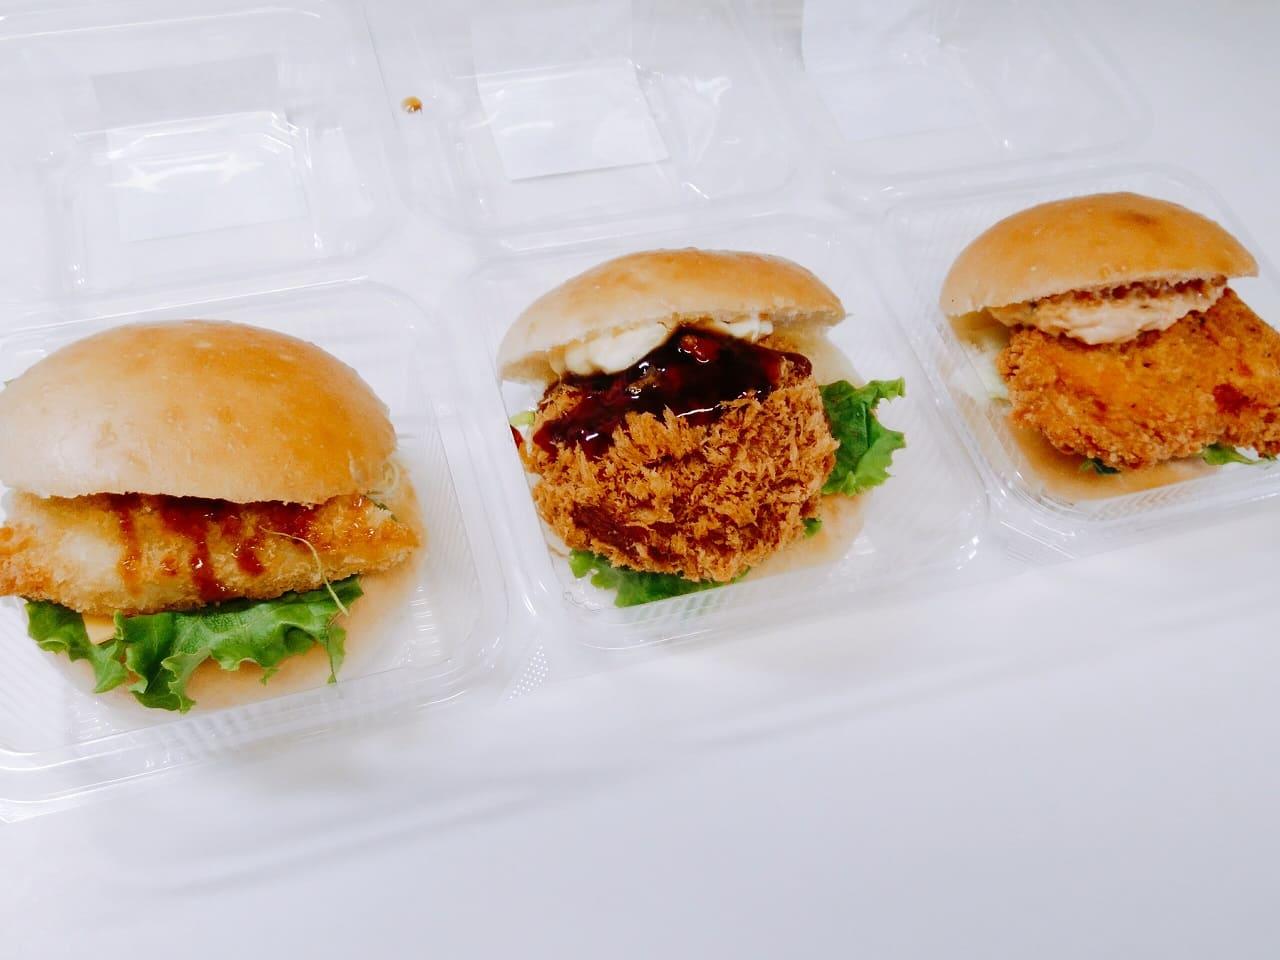 ヤオコーのハンバーガー3種類